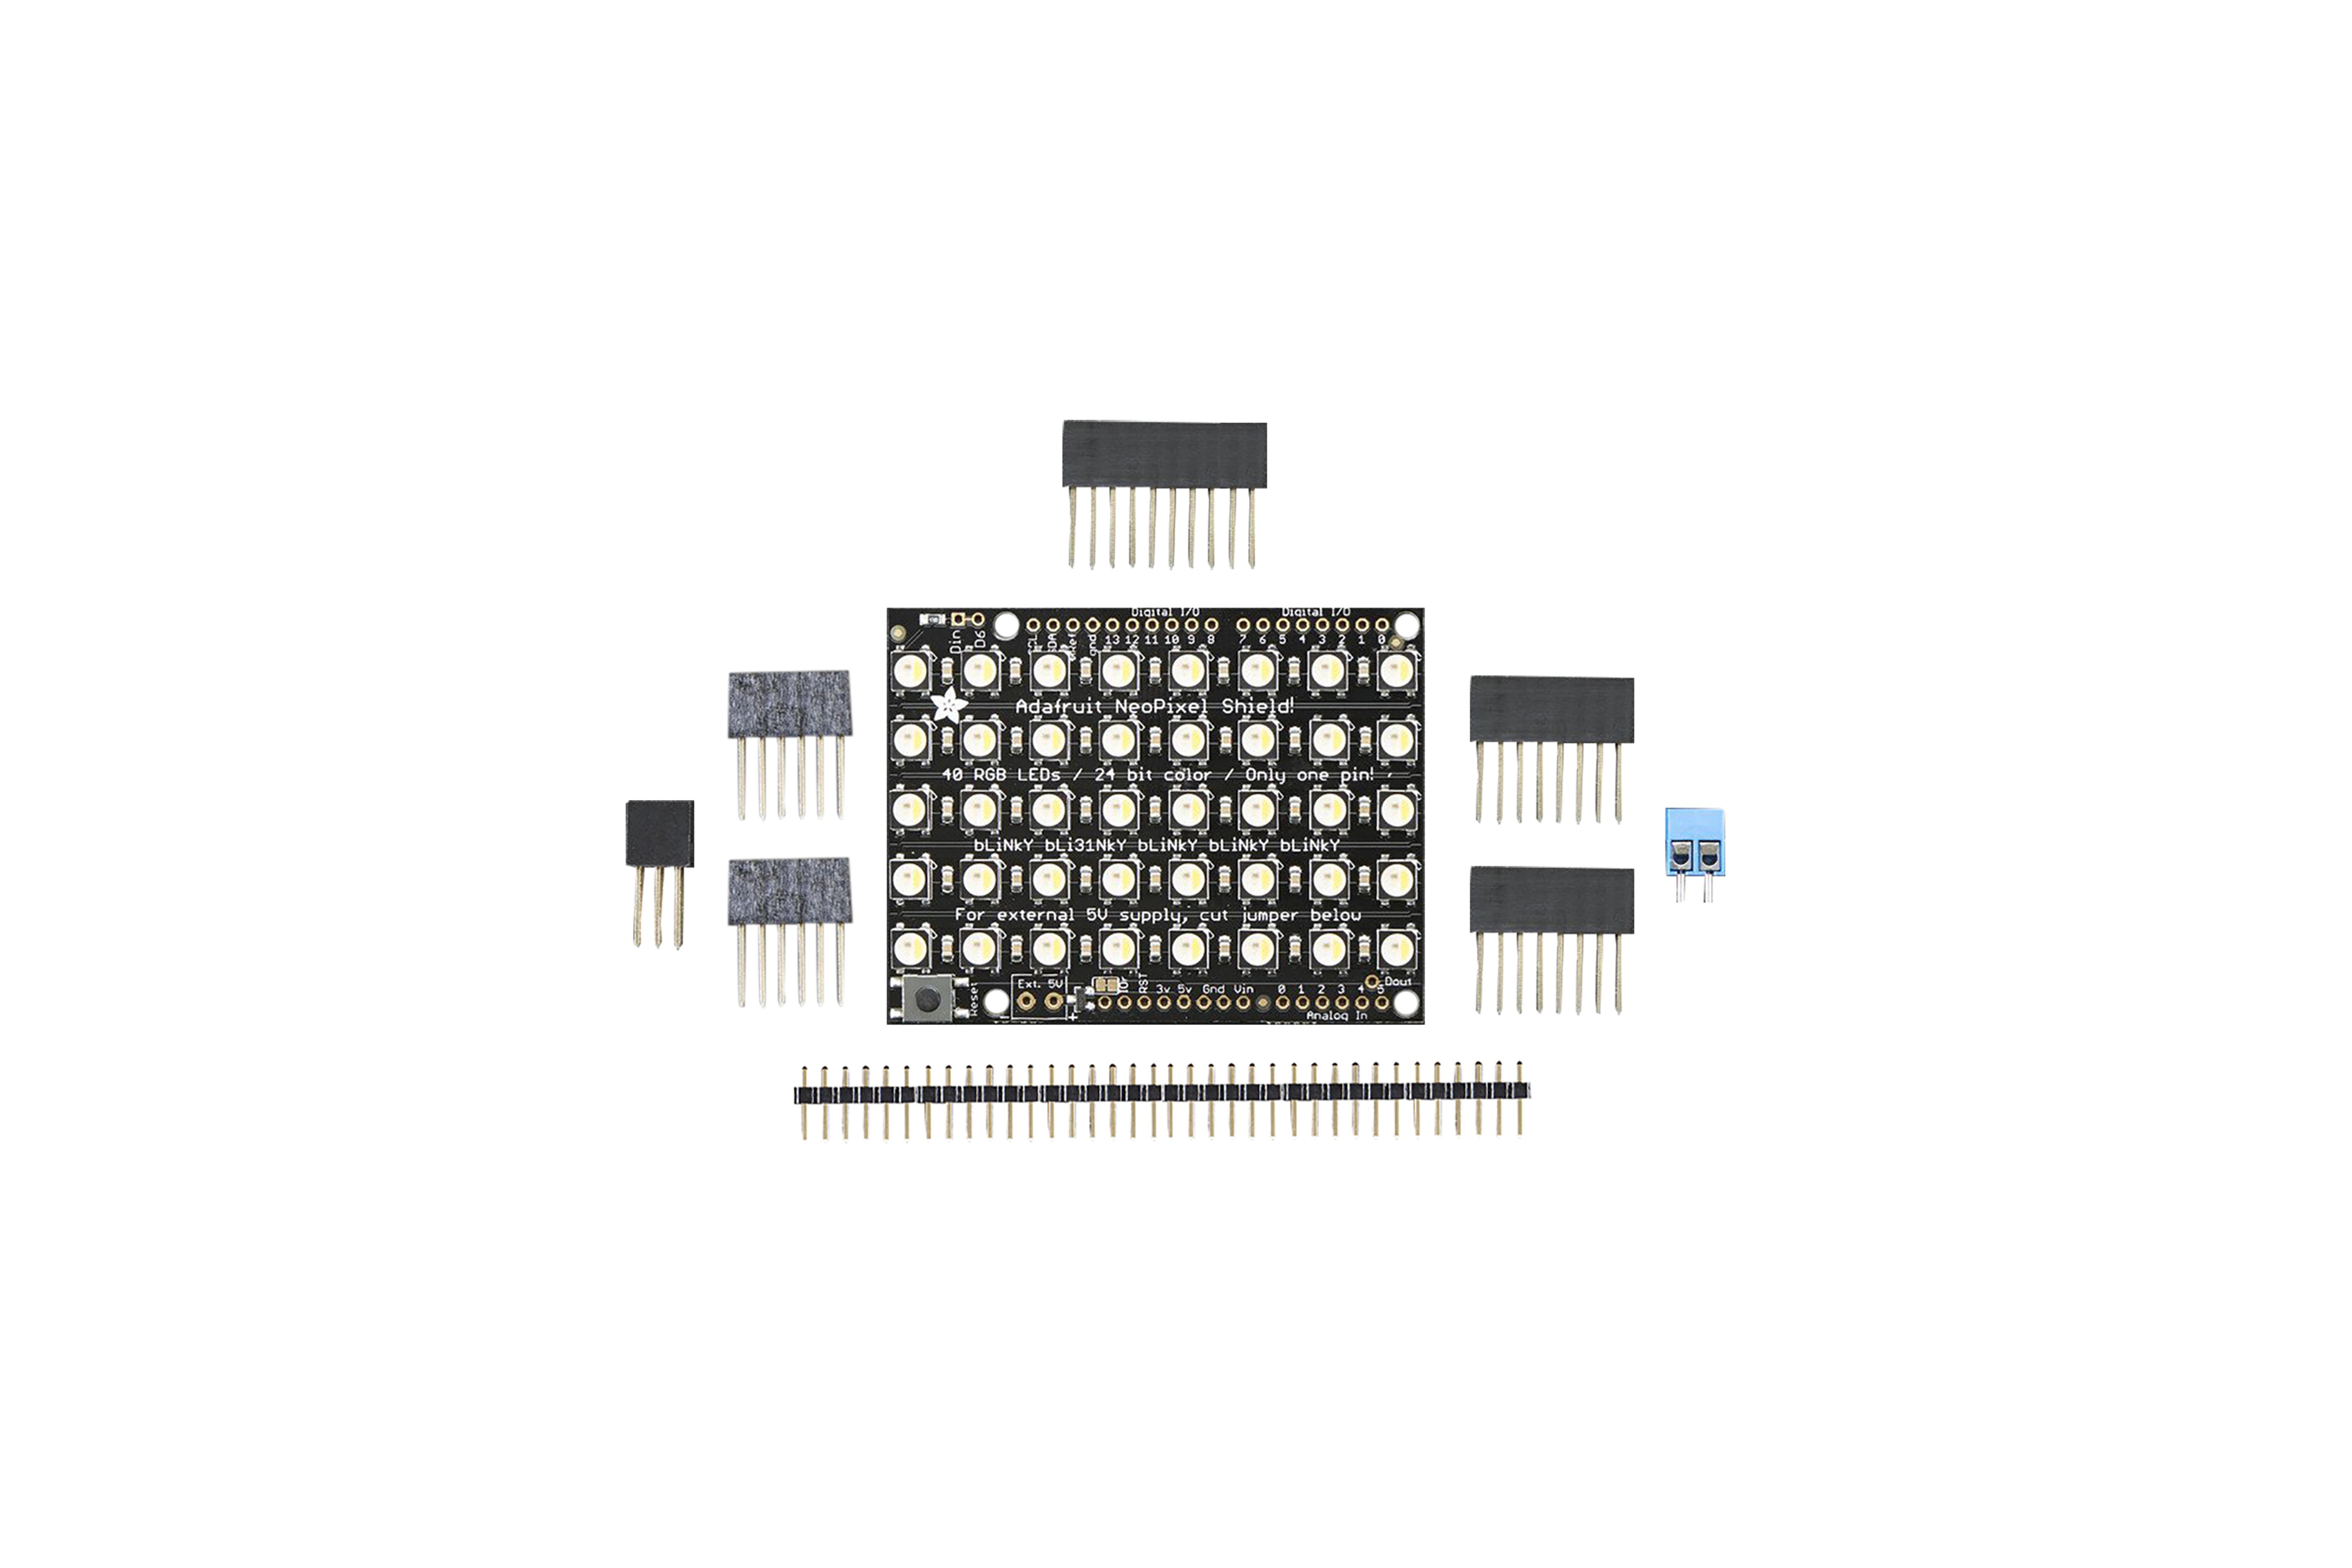 NEOPIXEL SHIELD 40 RGBW LED SHIELD 6000K